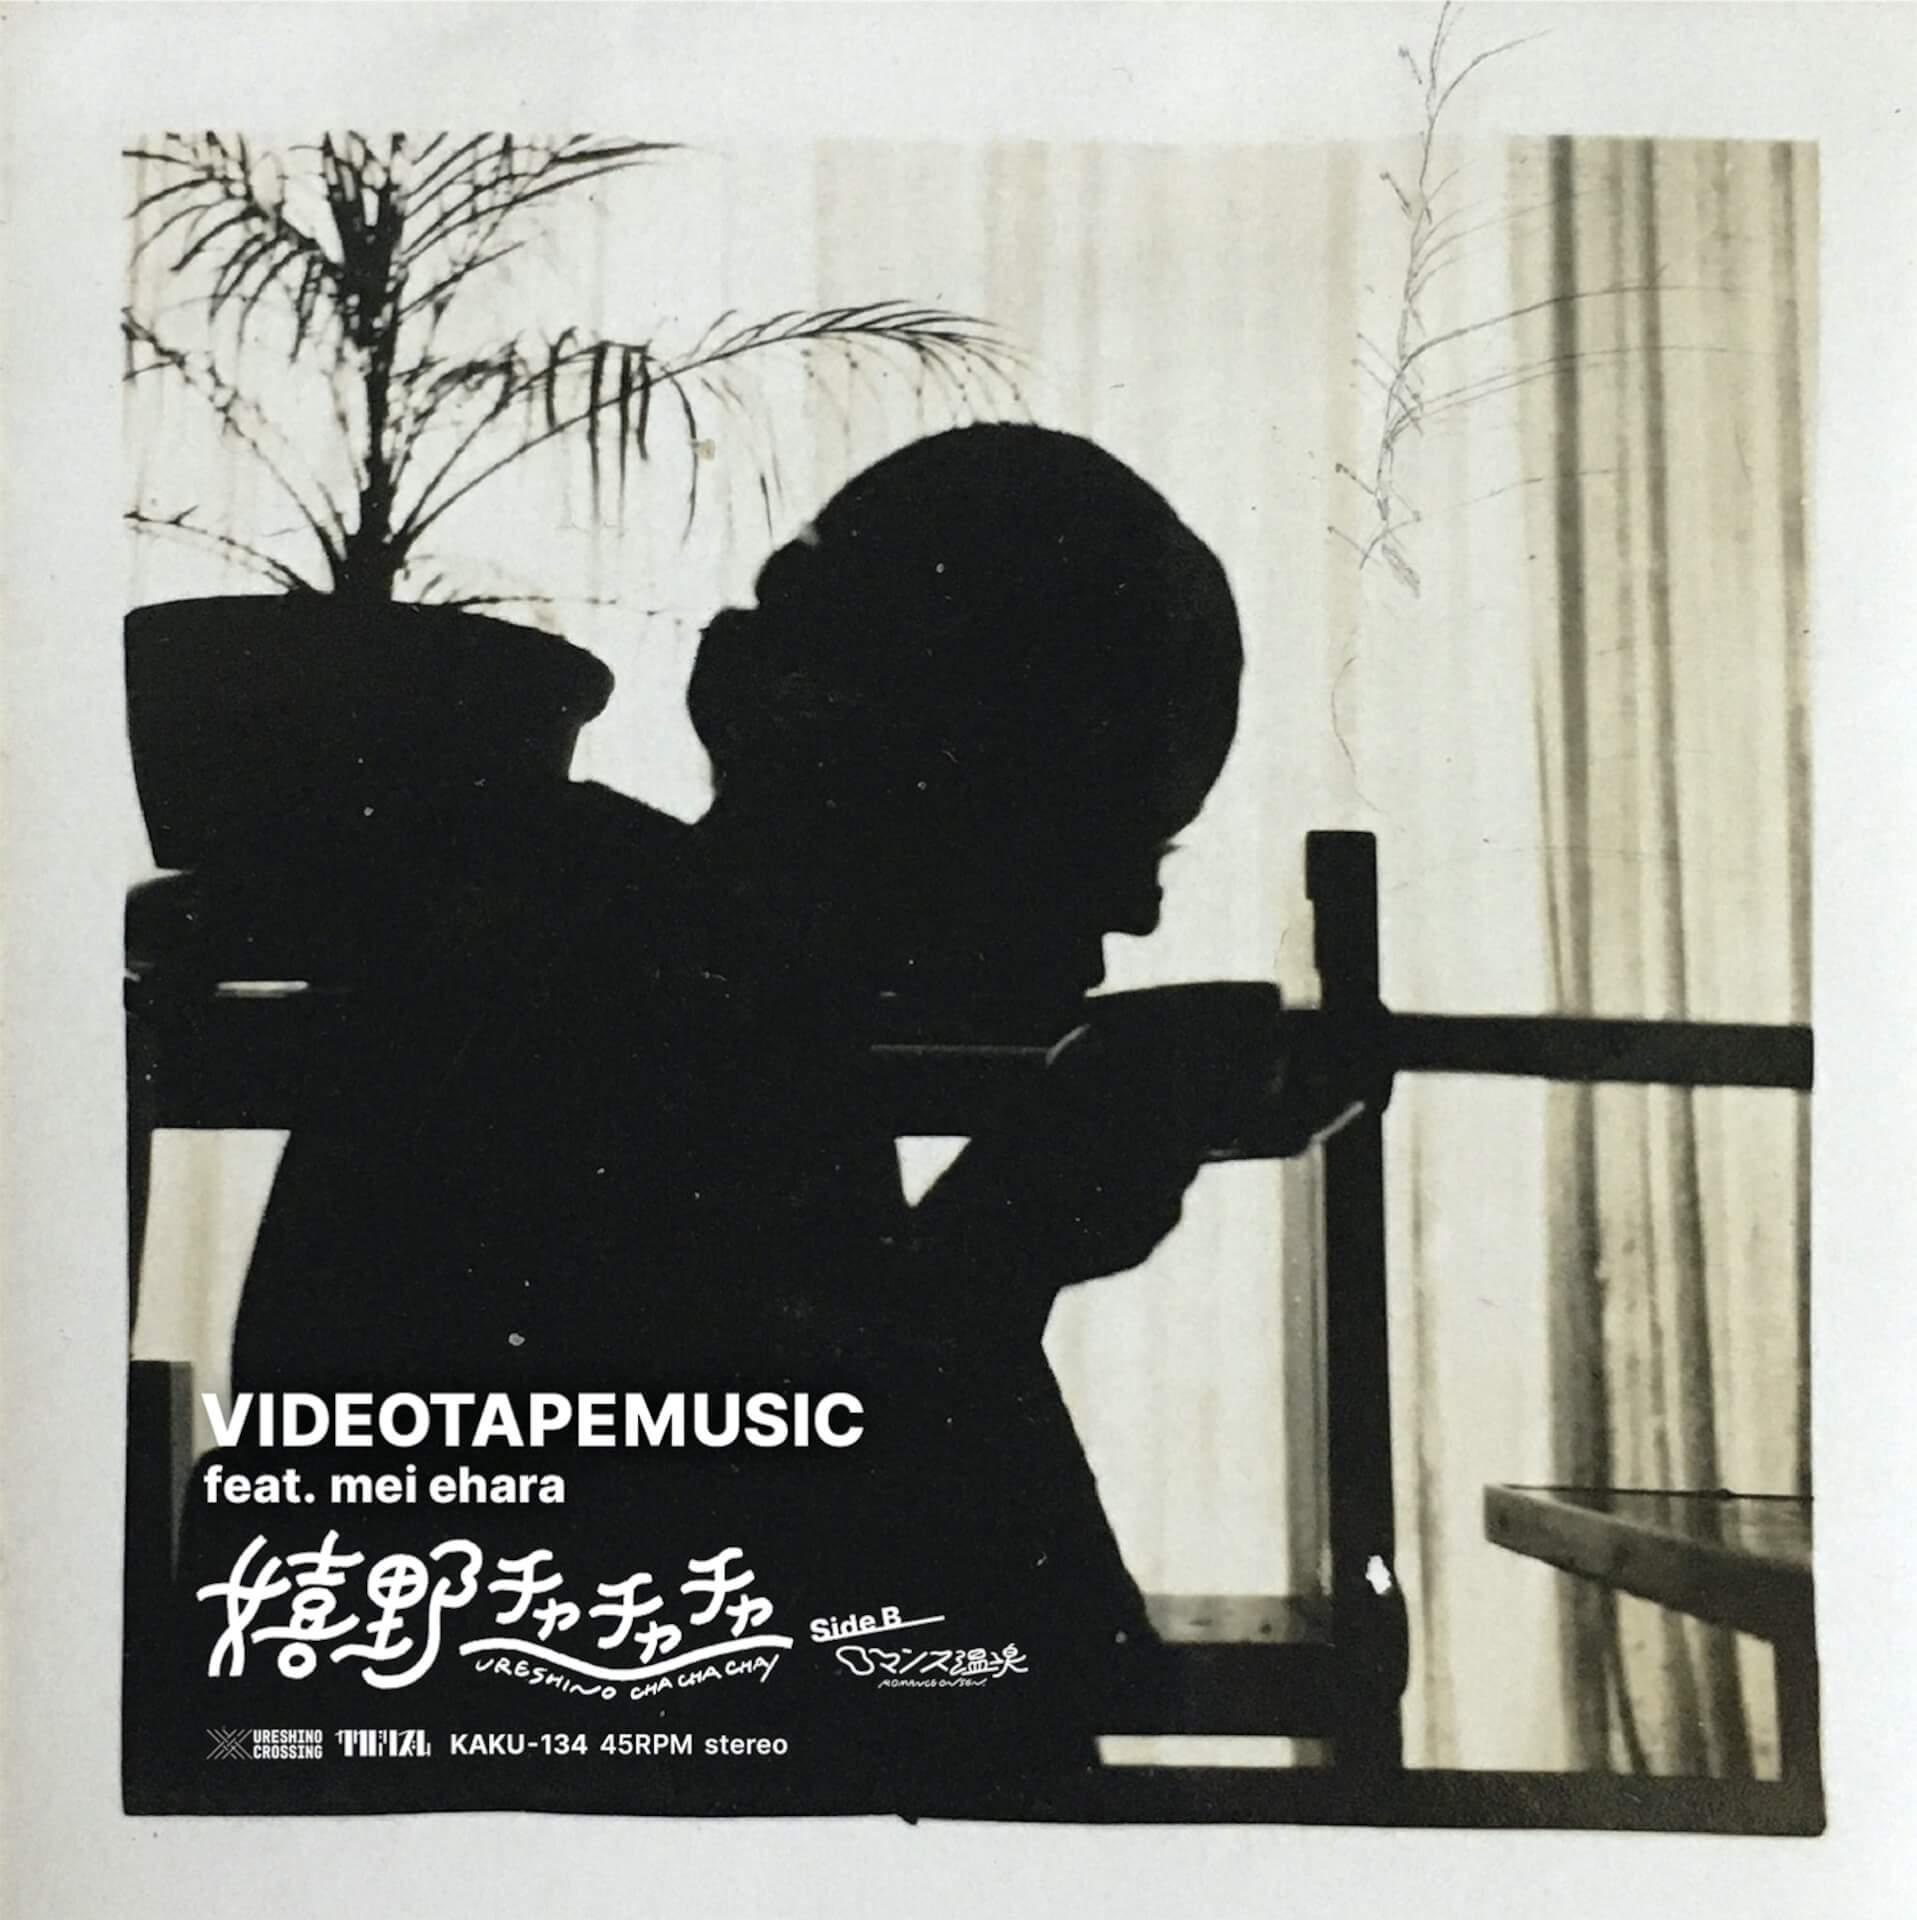 """VIDEOTAPEMUSICが〈URESHINO✕CROSSING〉から""""嬉野チャチャチャ(feat.mei ehara)""""""""ロマンス温泉""""を7インチで発売決定! music_210712_VTM2"""